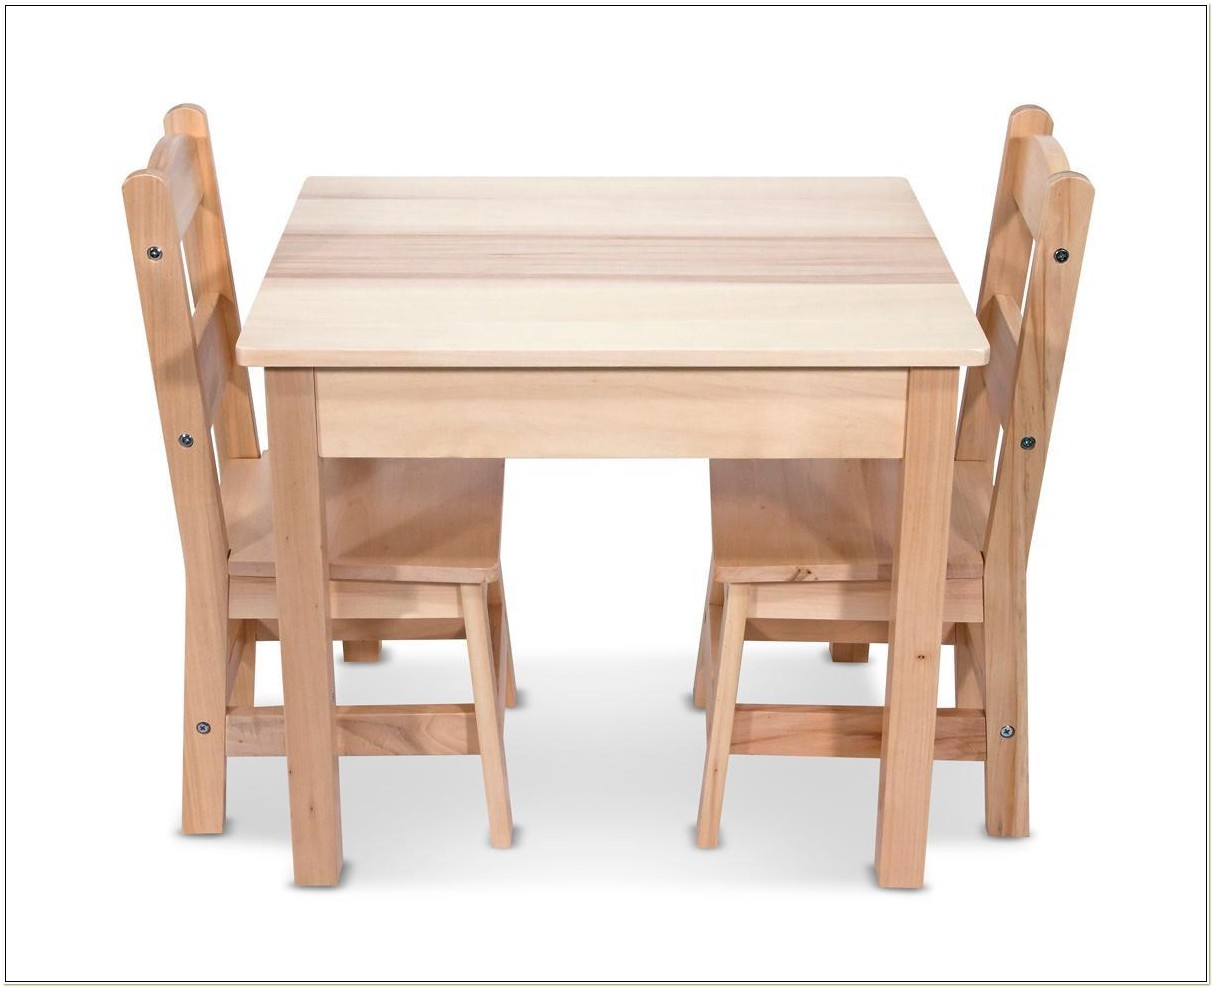 Melissa And Doug Table And Chair Set